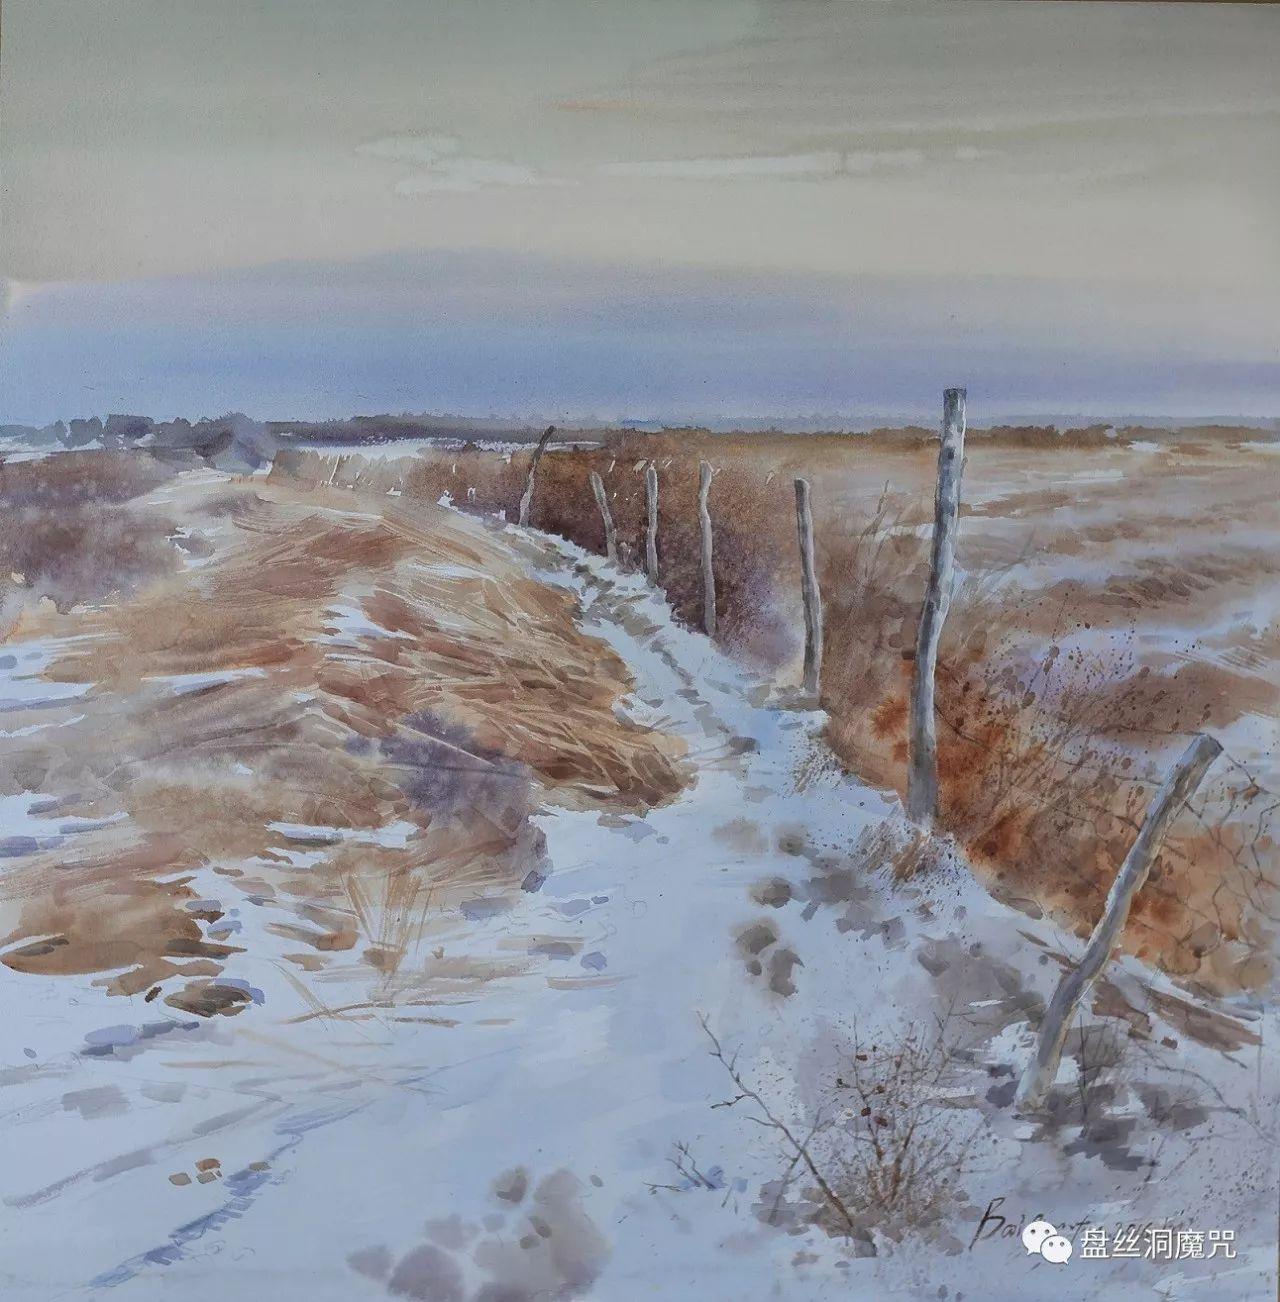 白连福水彩作品欣赏 第14张 白连福水彩作品欣赏 蒙古画廊